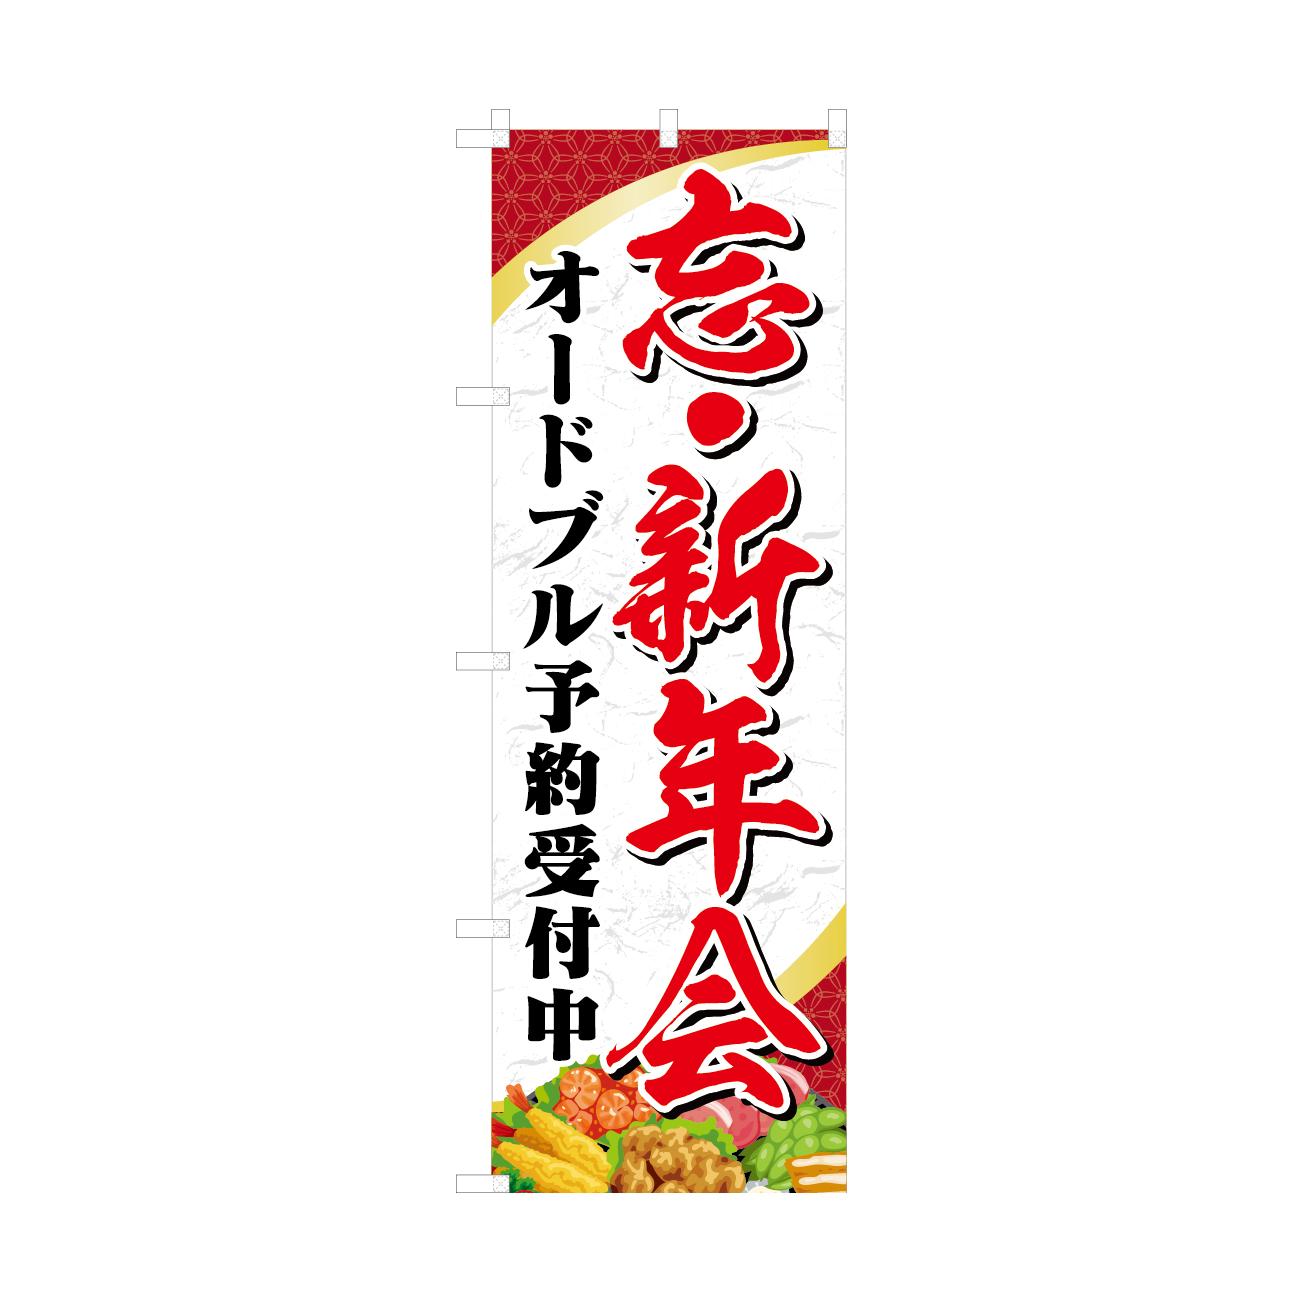 のぼり 忘・新年会オードブル予約受付中 【35】